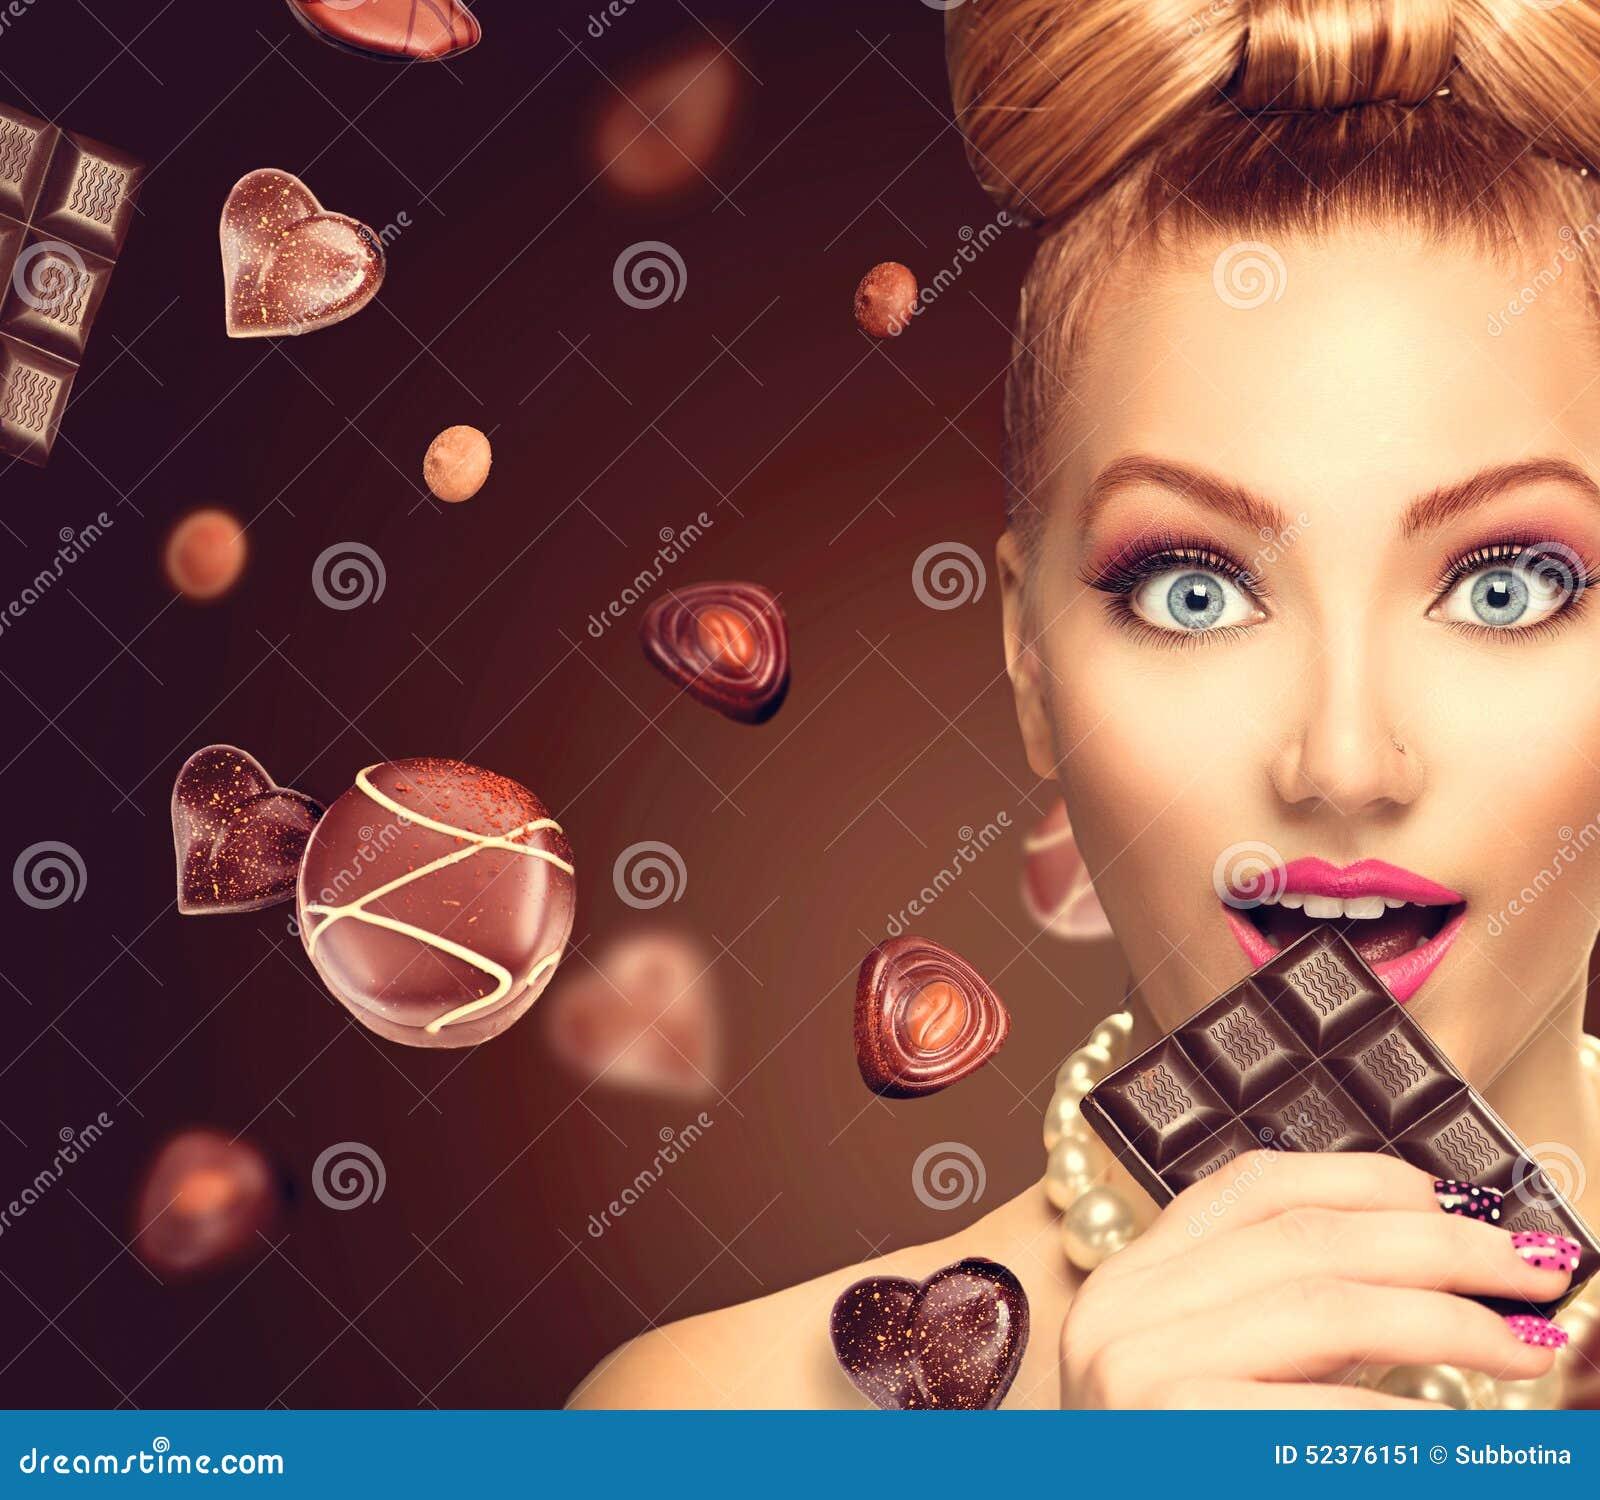 Beauty Girl Eating Chocolate Stock Photo - Image: 52376151